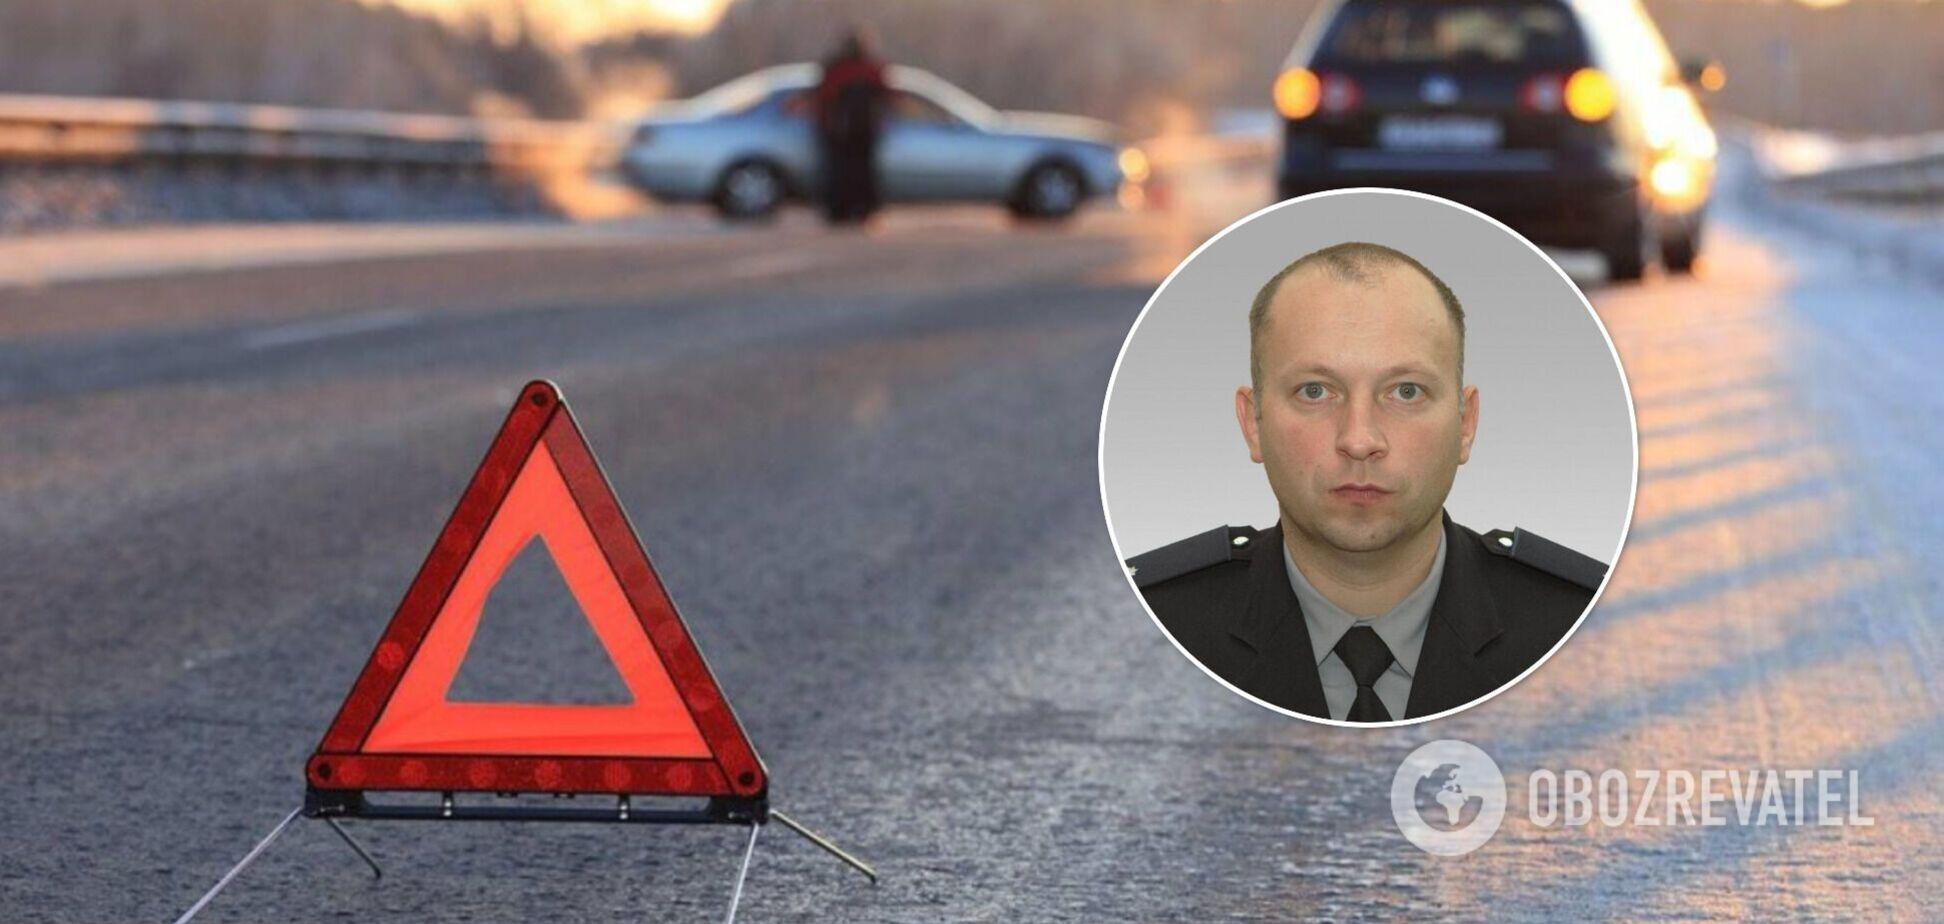 Названо имя полицейского, которого насмерть сбили в Харькове. Фото